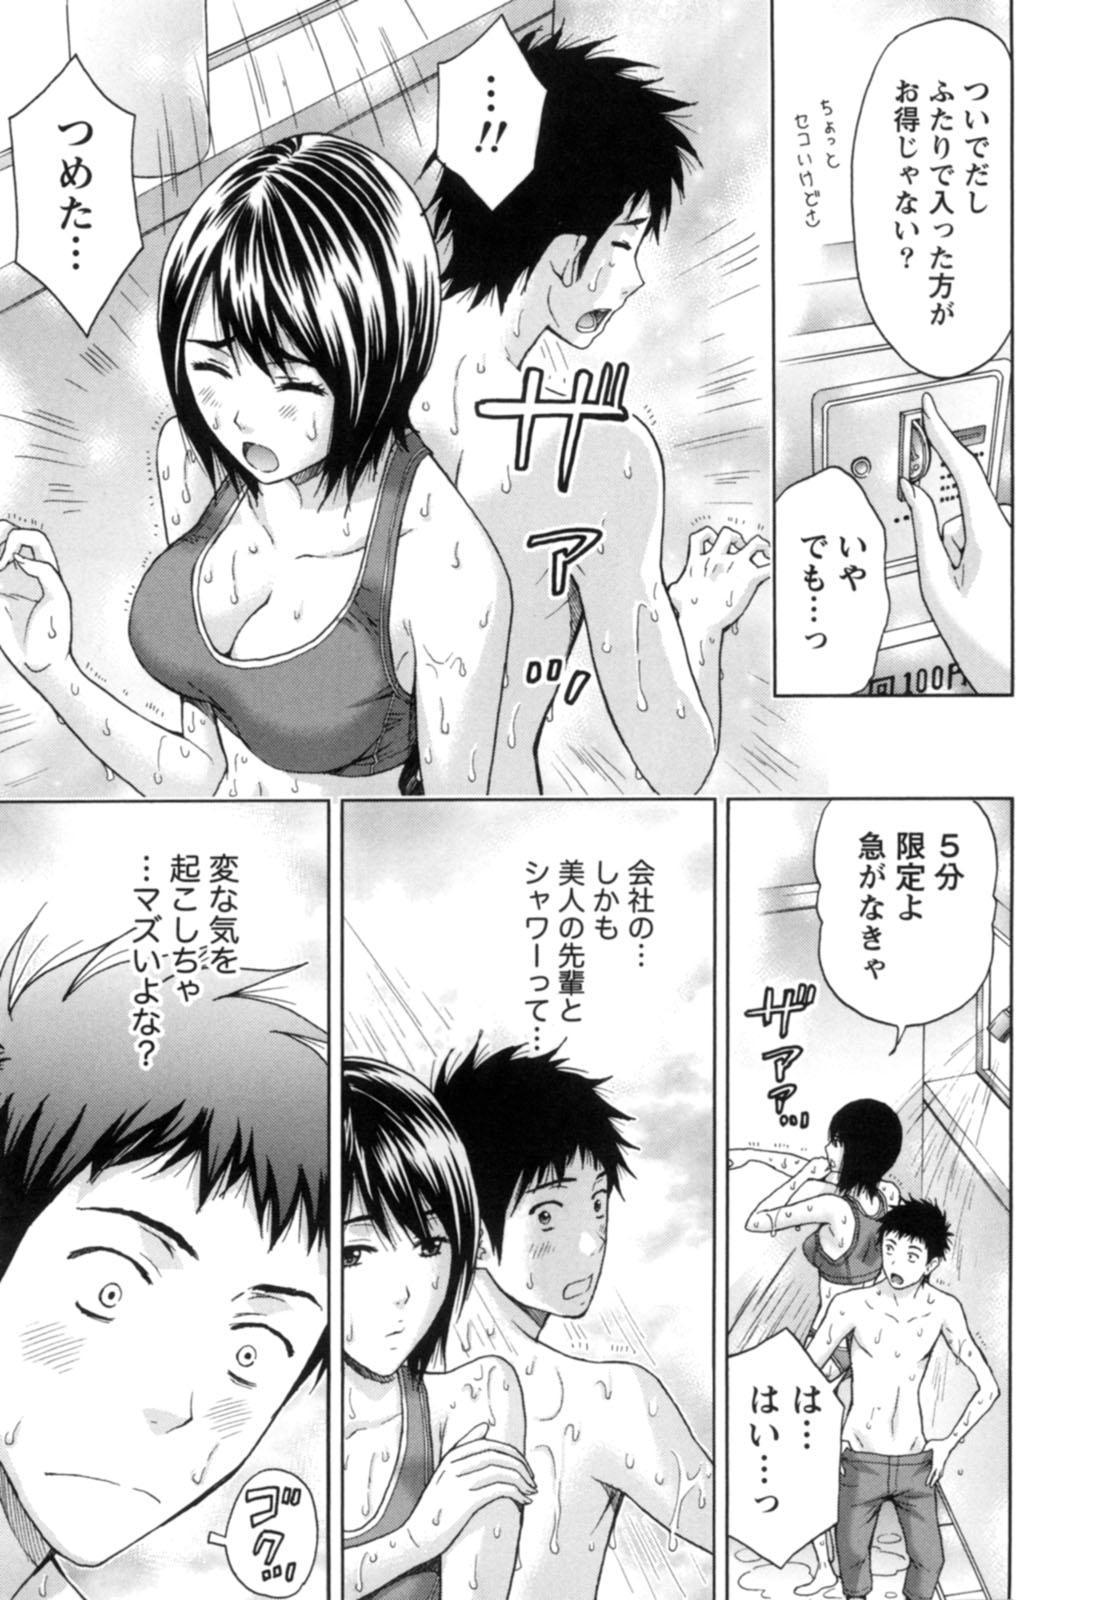 Nukumori Jou no Binkan Lesson 83